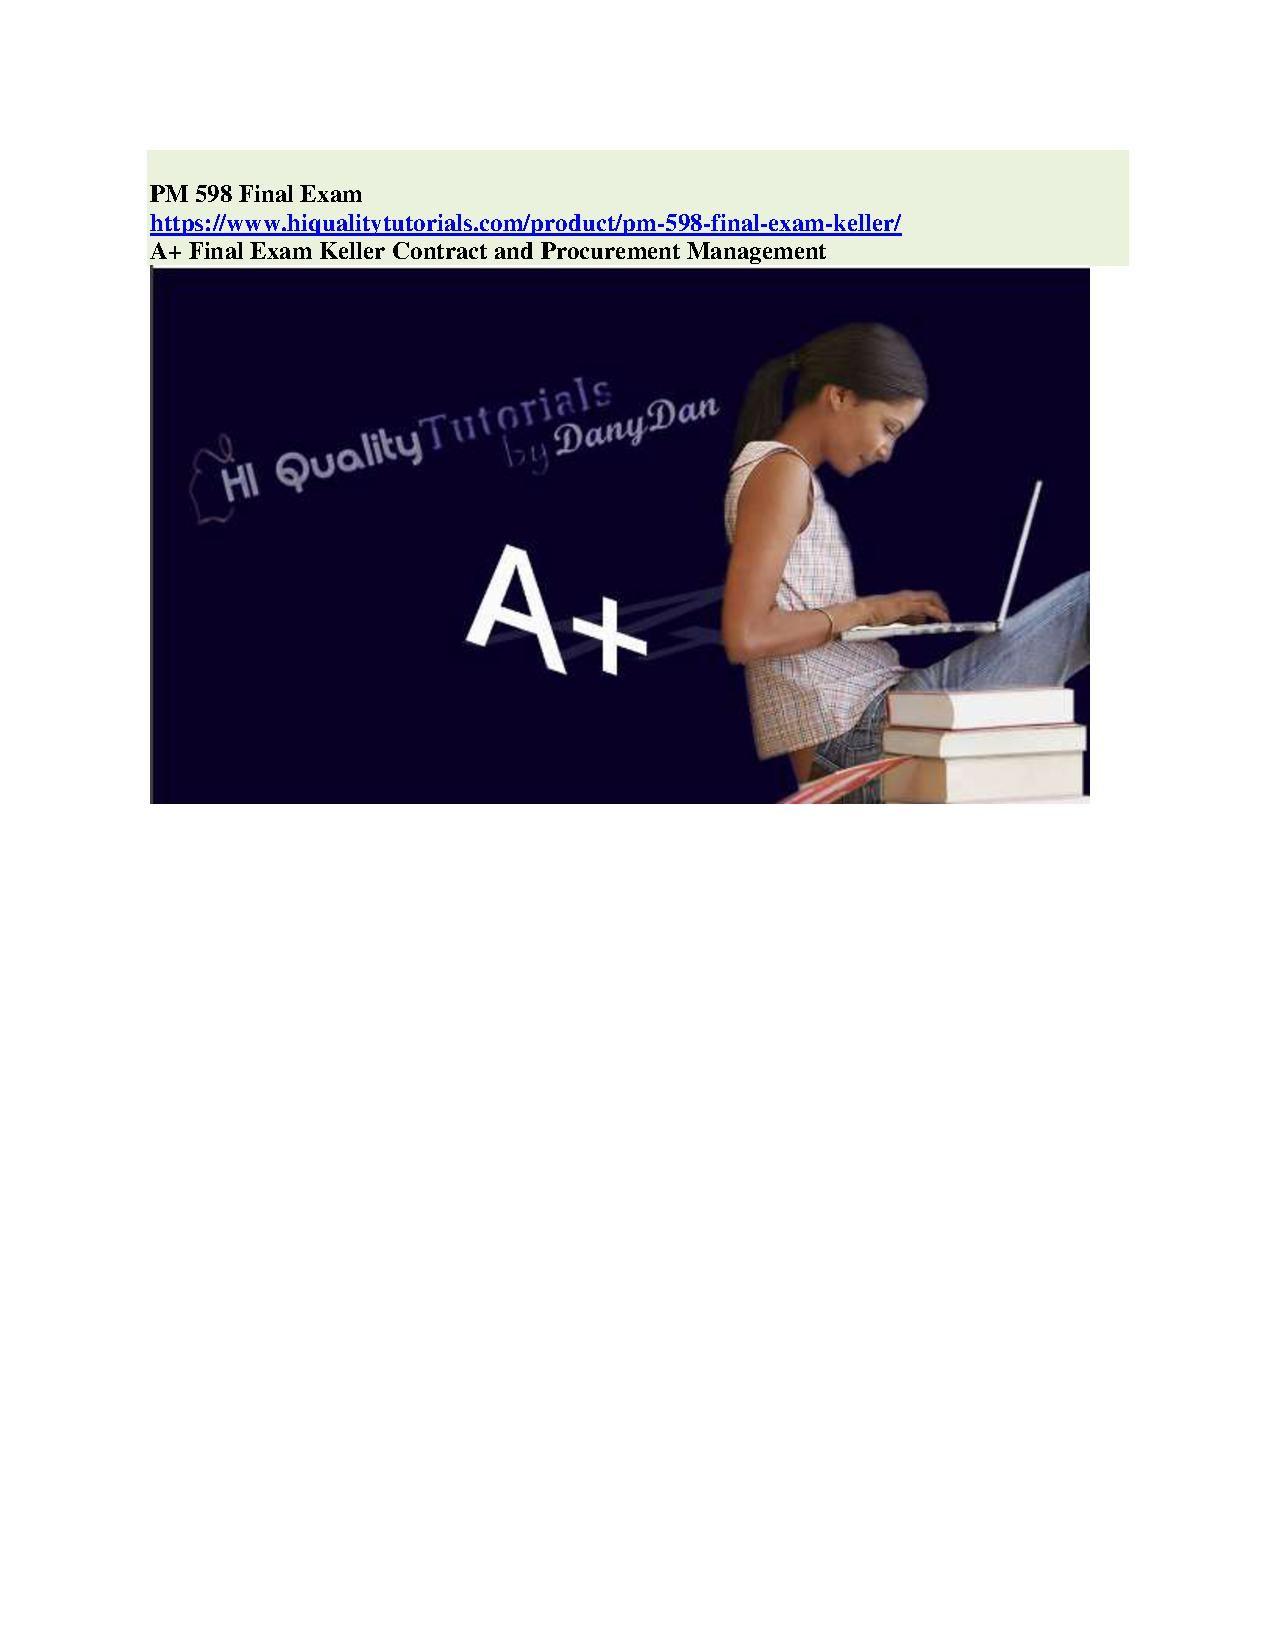 PM 598 Final Exam | Final exams, Exam answer, Exam study